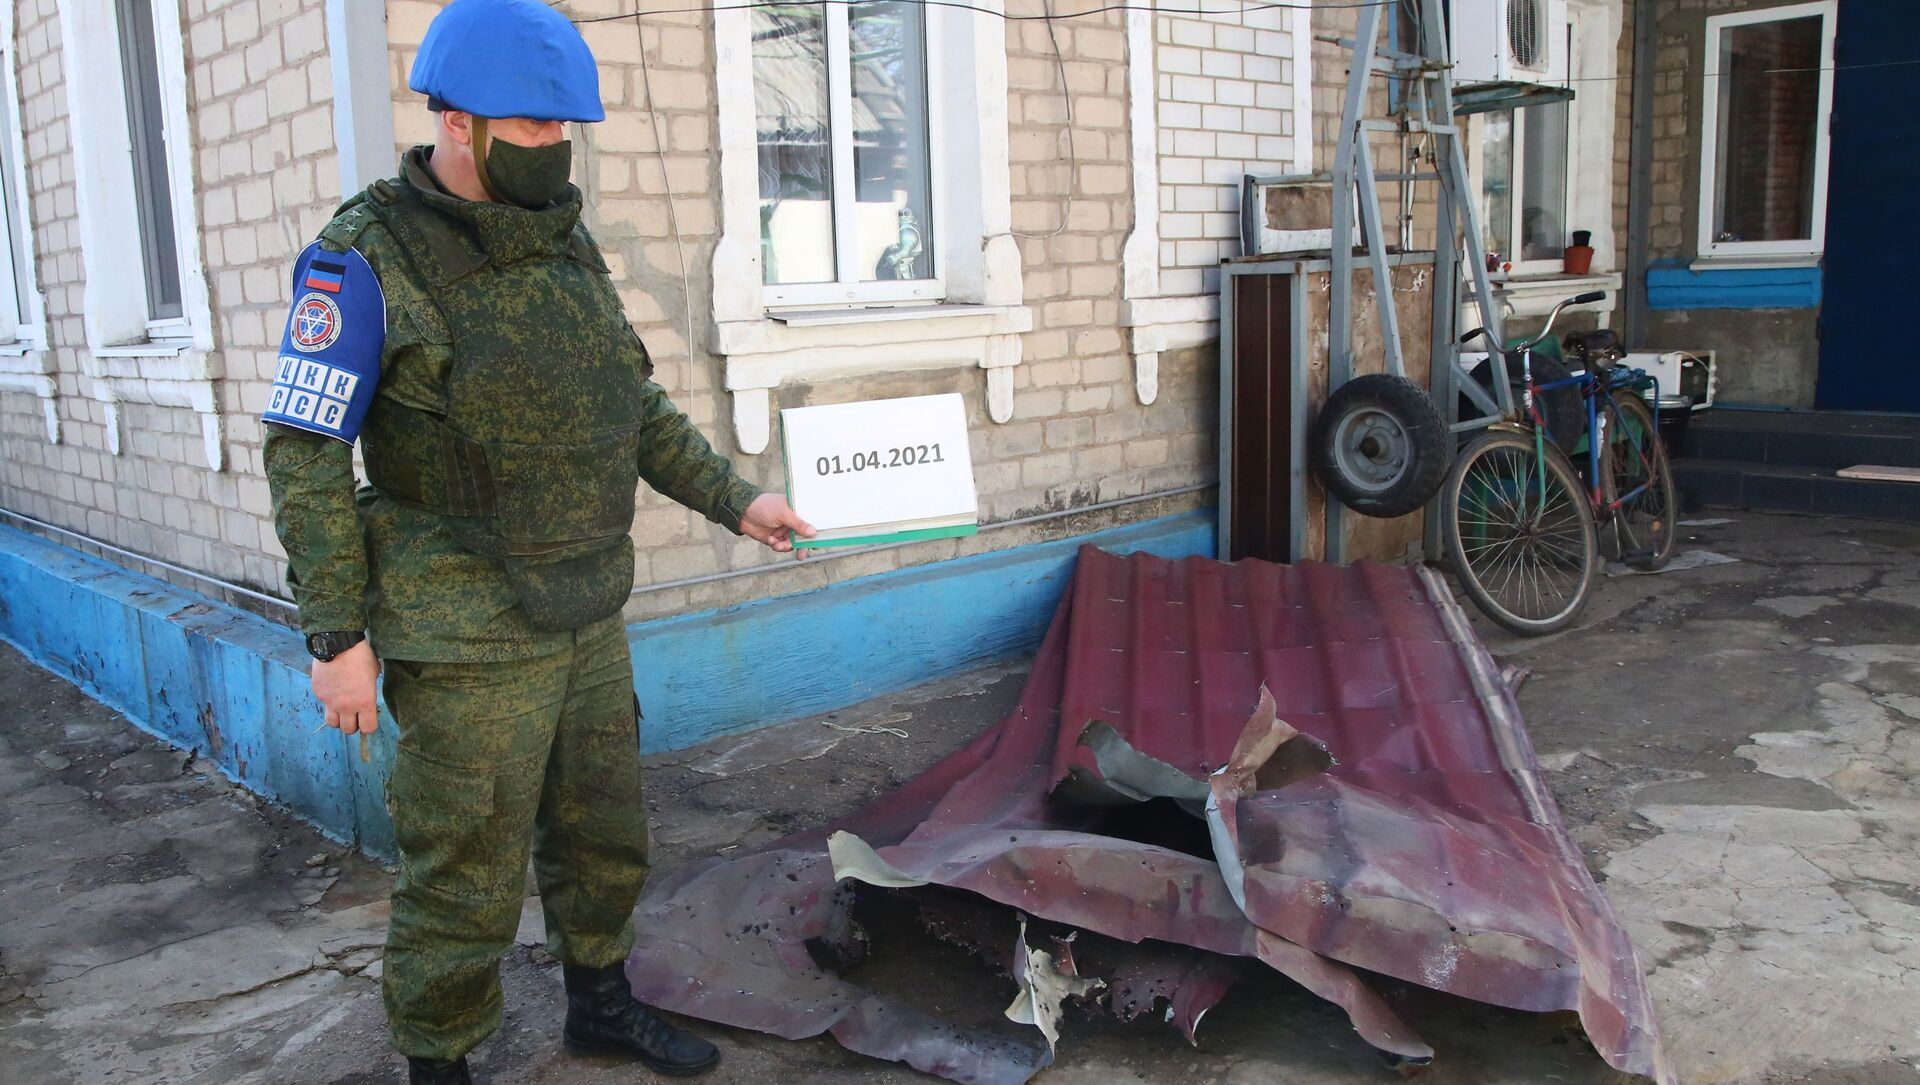 Przedstawiciel DRL odnotowuje szkody w wyniku ostrzału we wsi Aleksandrowka w obwodzie donieckim - Sputnik Polska, 1920, 06.04.2021